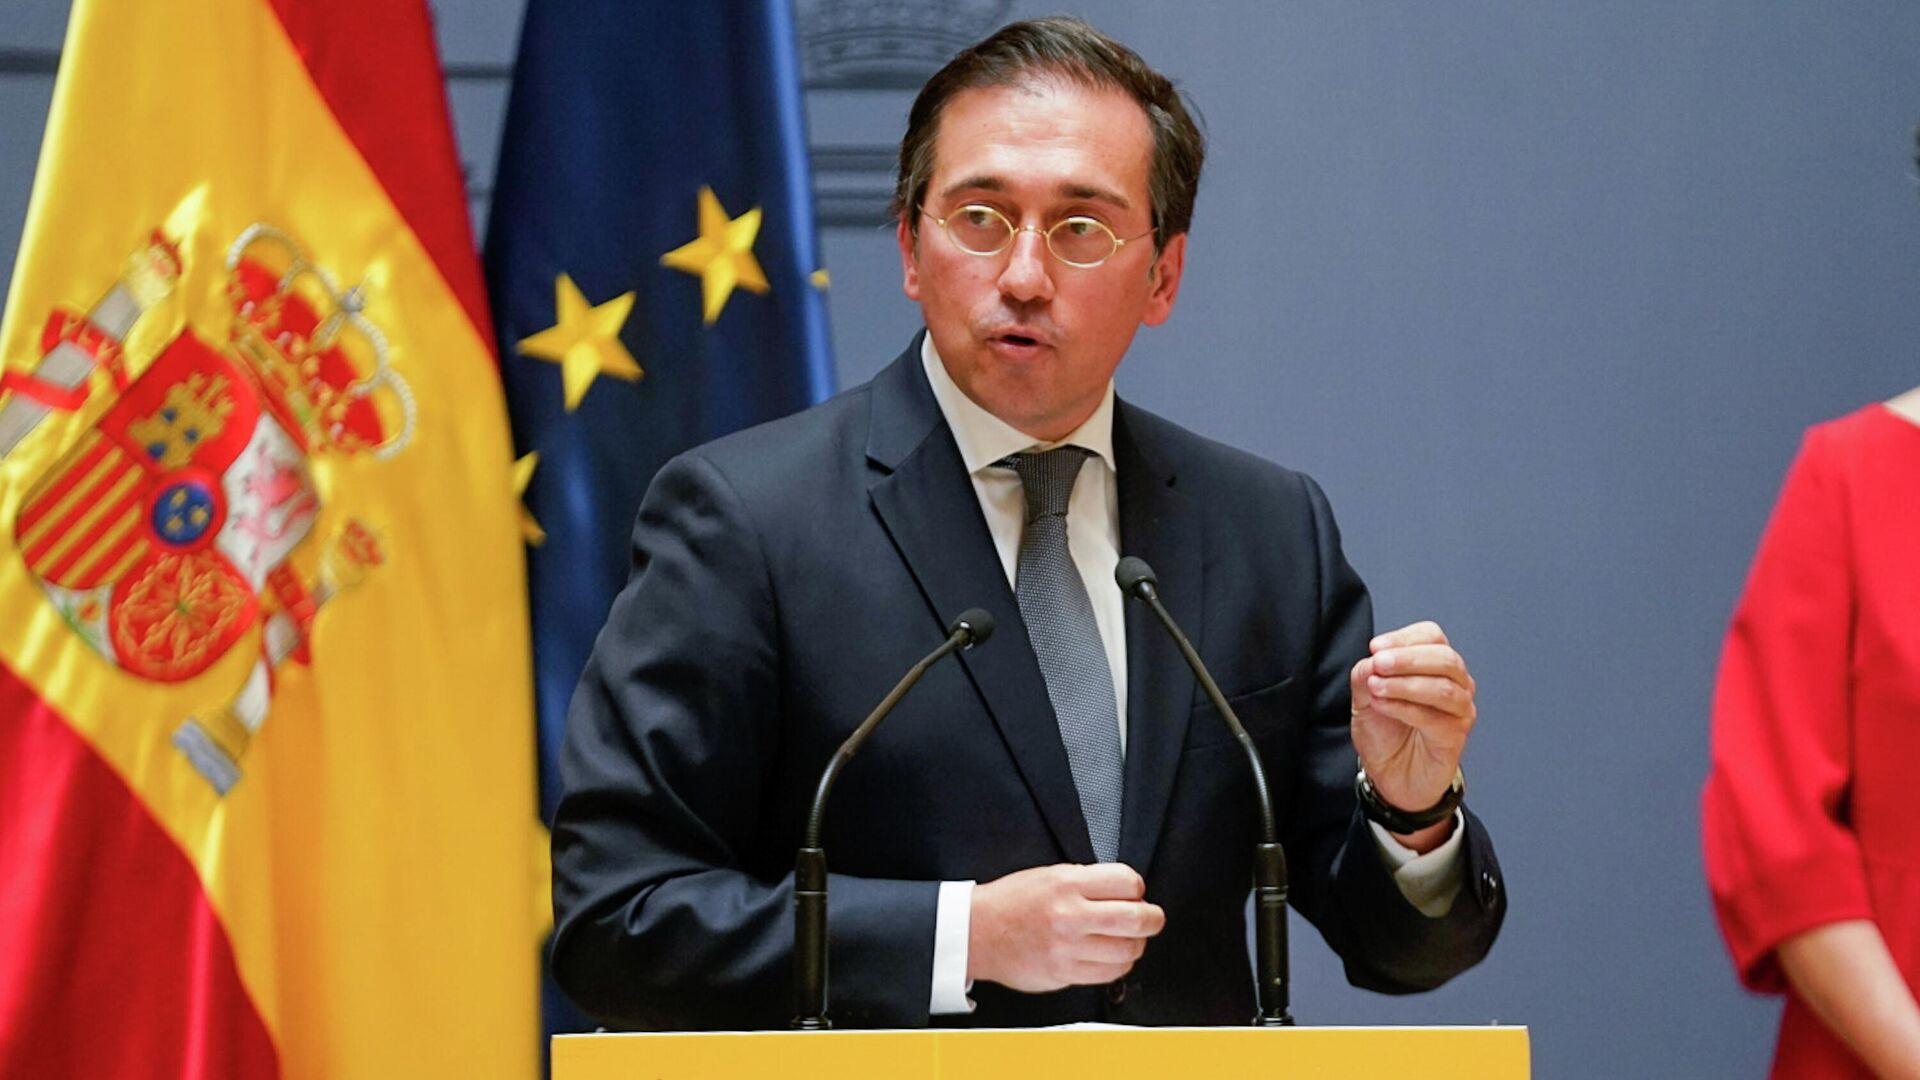 El ministro de Asuntos Exteriores de España, José Manuel Albares - Sputnik Mundo, 1920, 14.09.2021